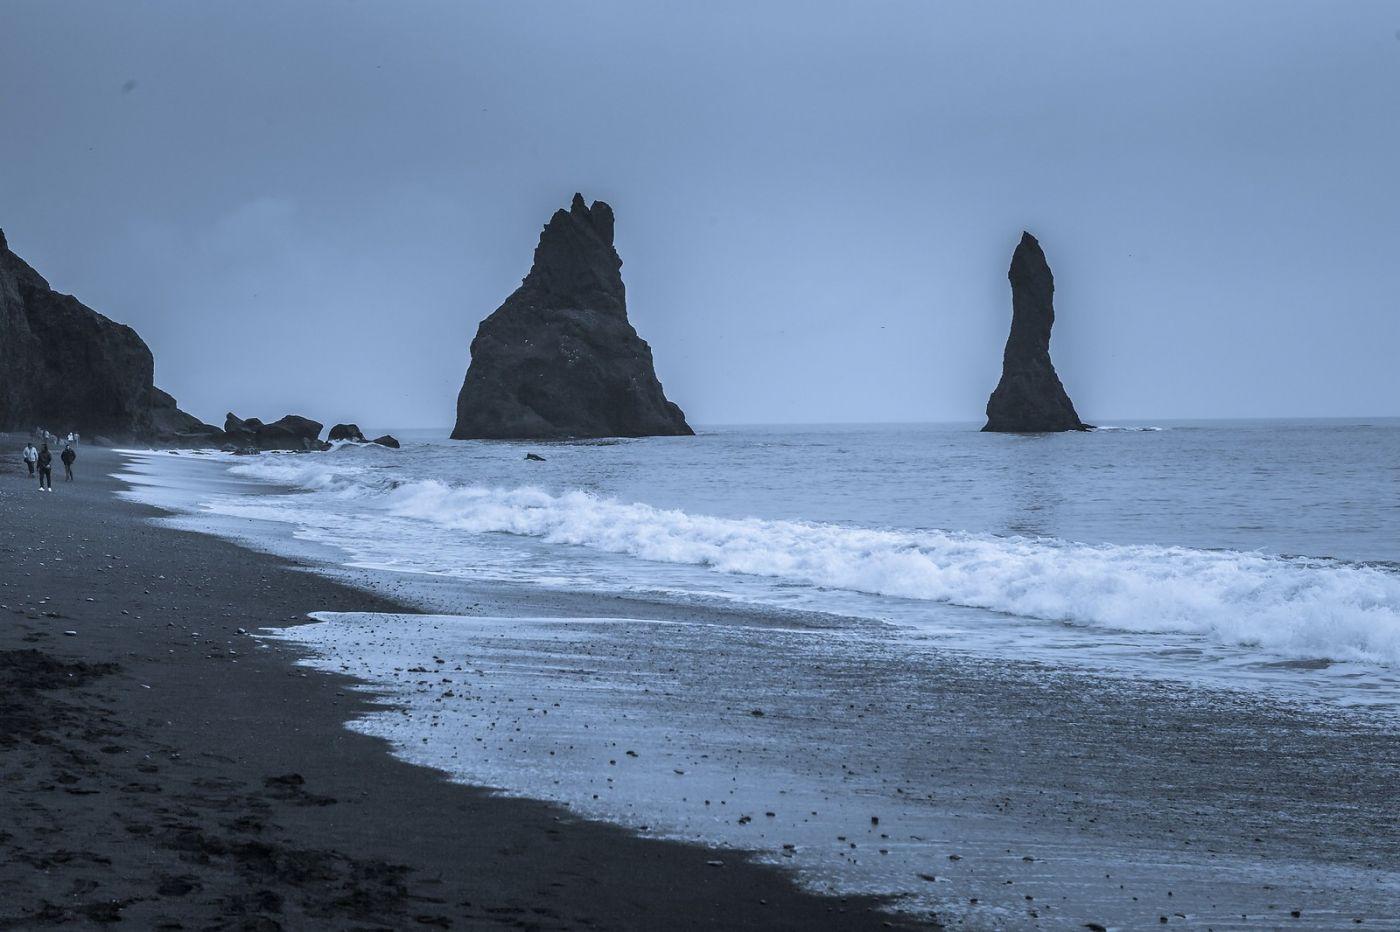 冰岛雷尼斯法加拉黑沙滩(Reynisfjara Black Sand Beach)_图1-15